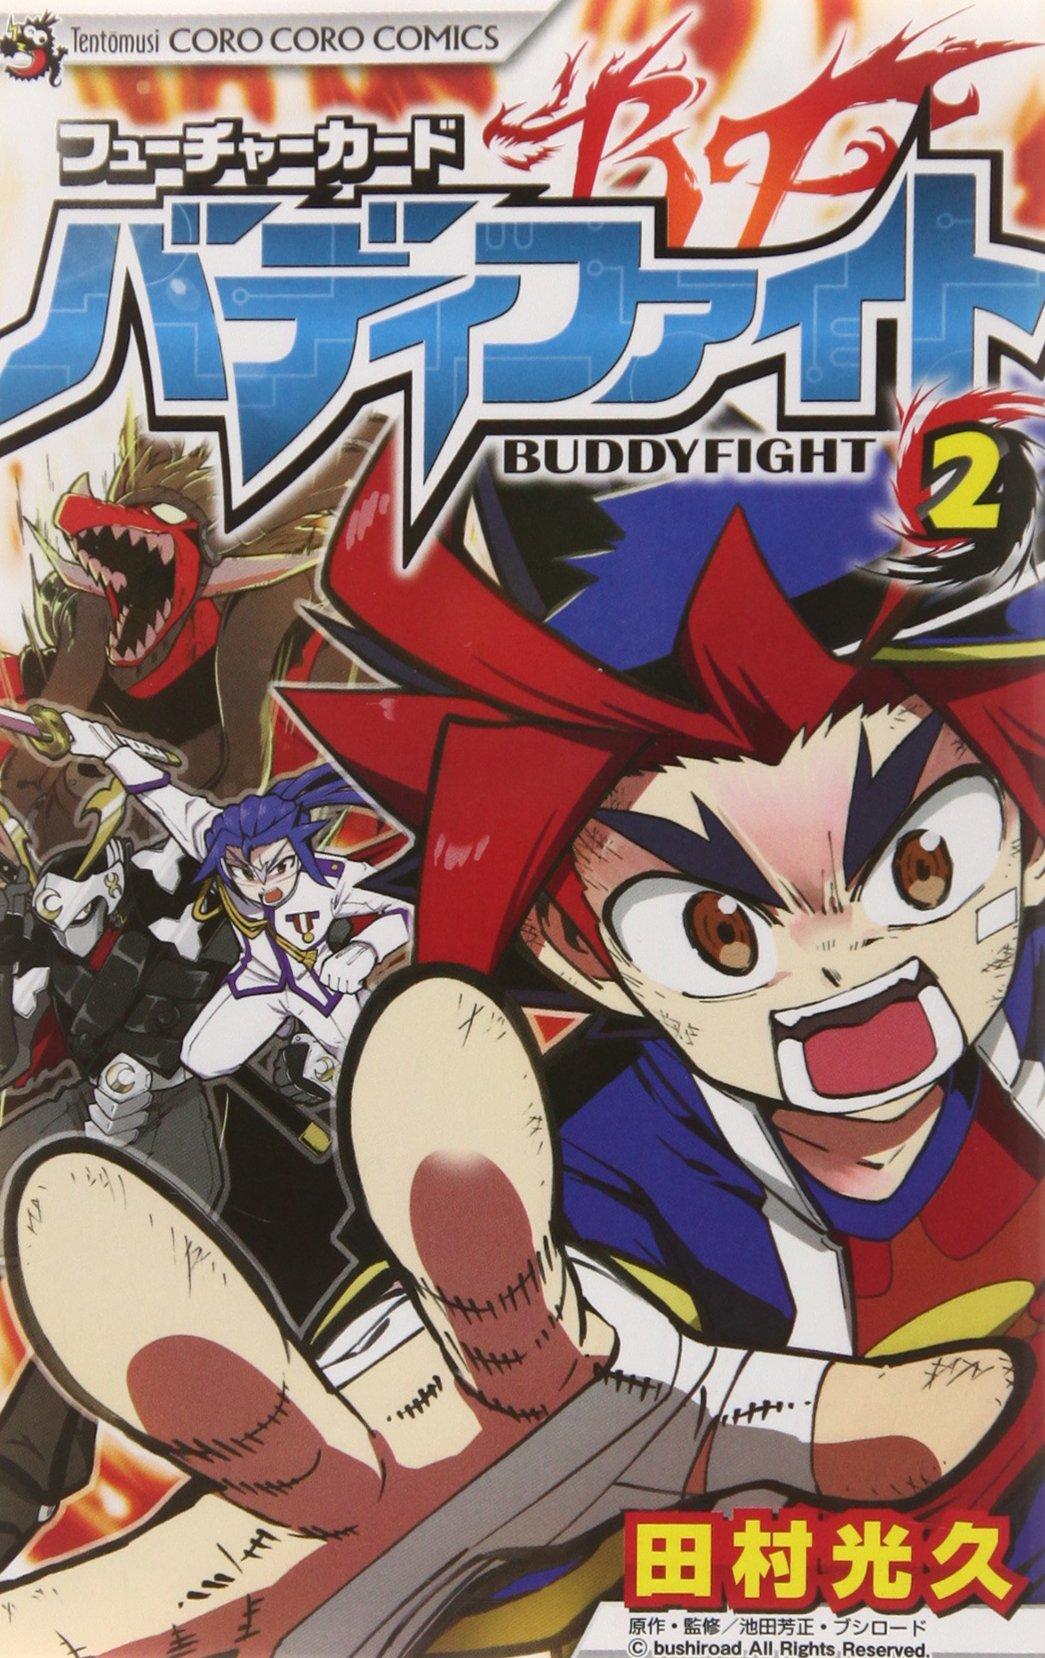 Buddy Fight Manga Vol. 2 (English)